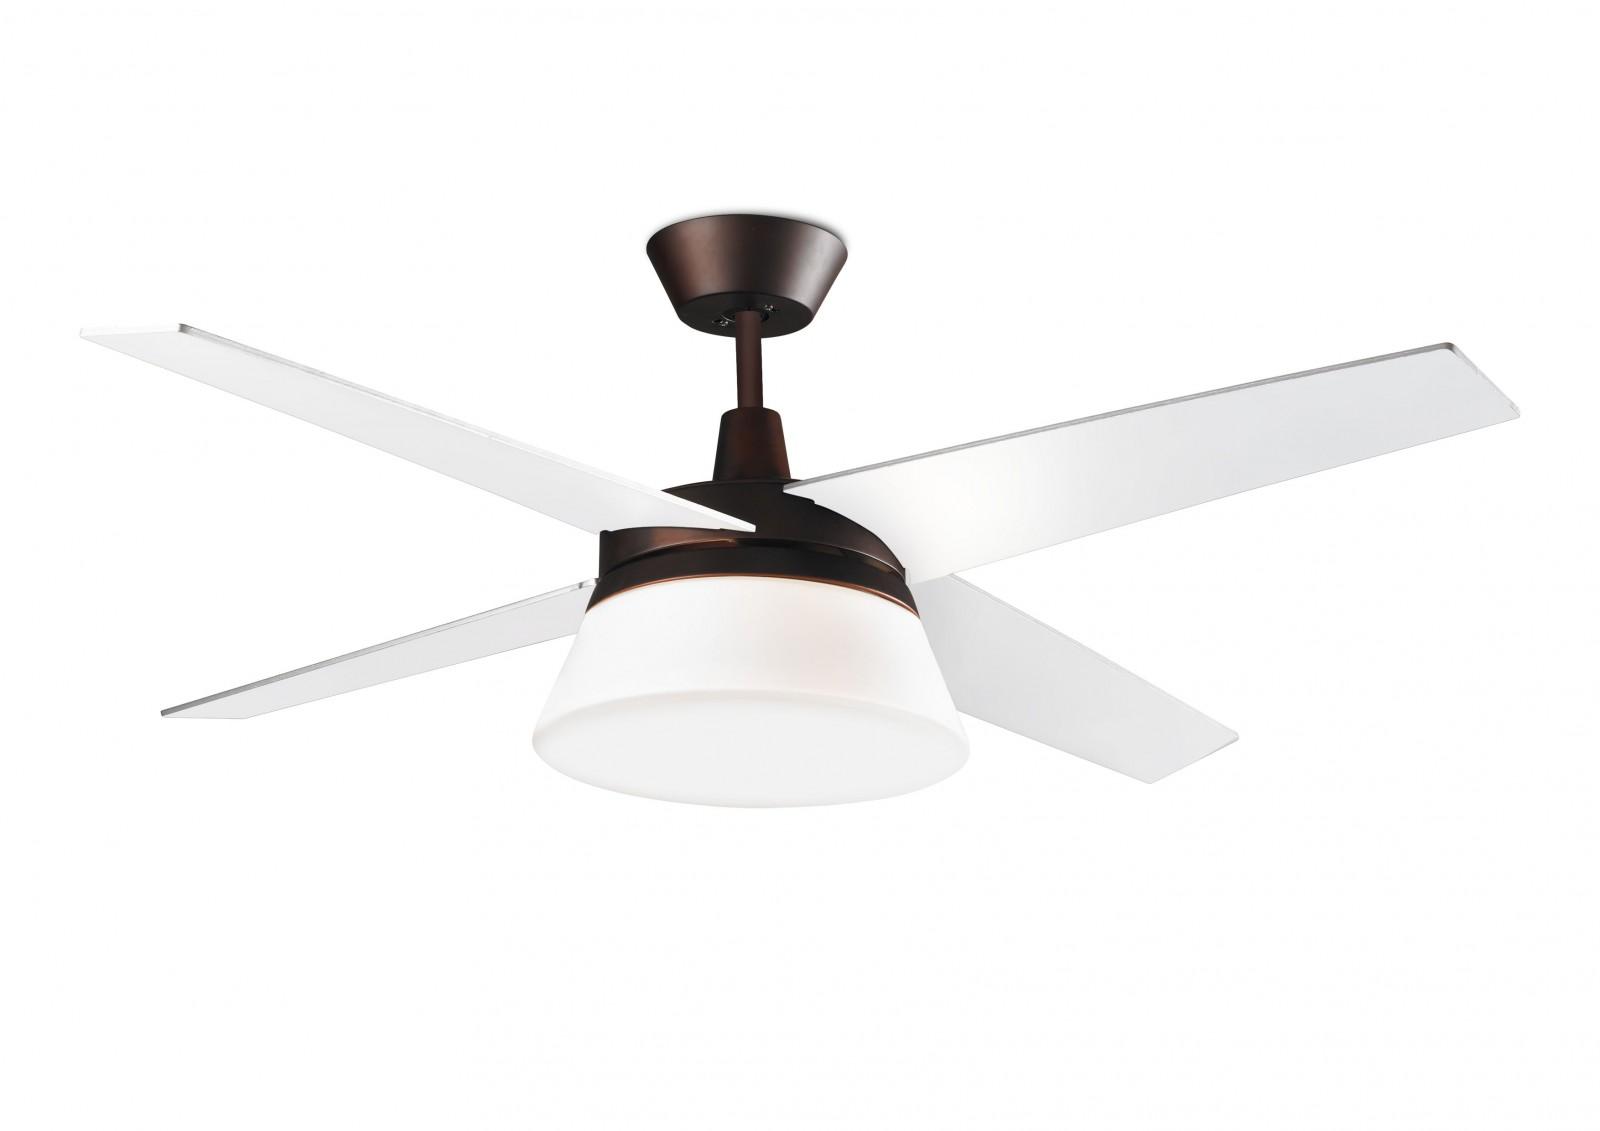 Leds C4 Design Ceiling Fan Banus 132 Cm 52 Quot With